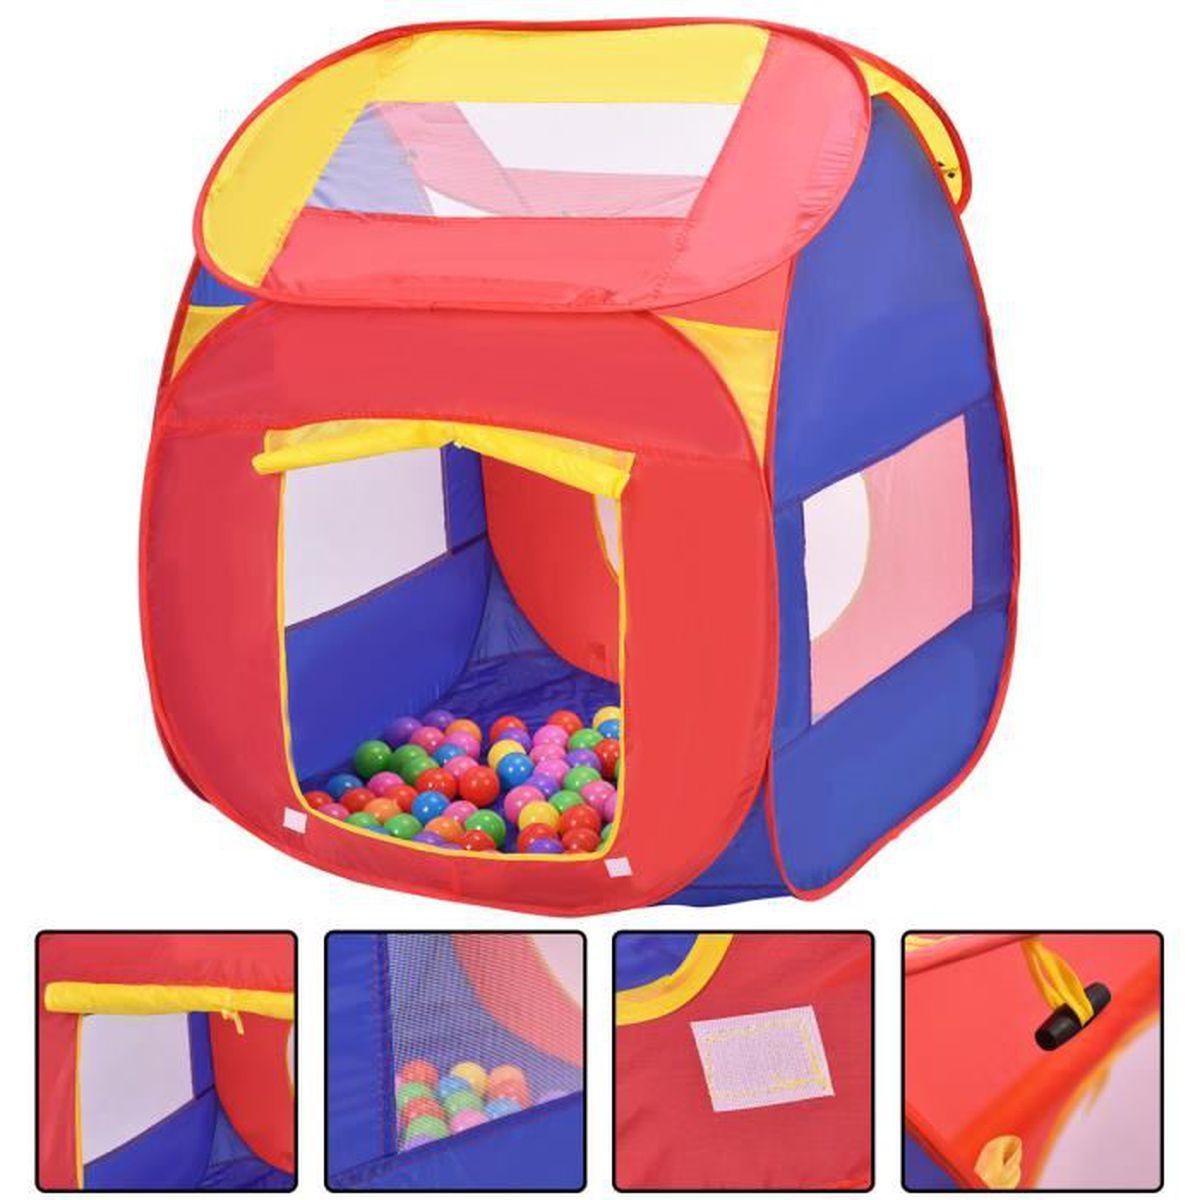 Tente de jeu pour enfants maison jouet ext rieur int rieur for Maison jouet exterieur